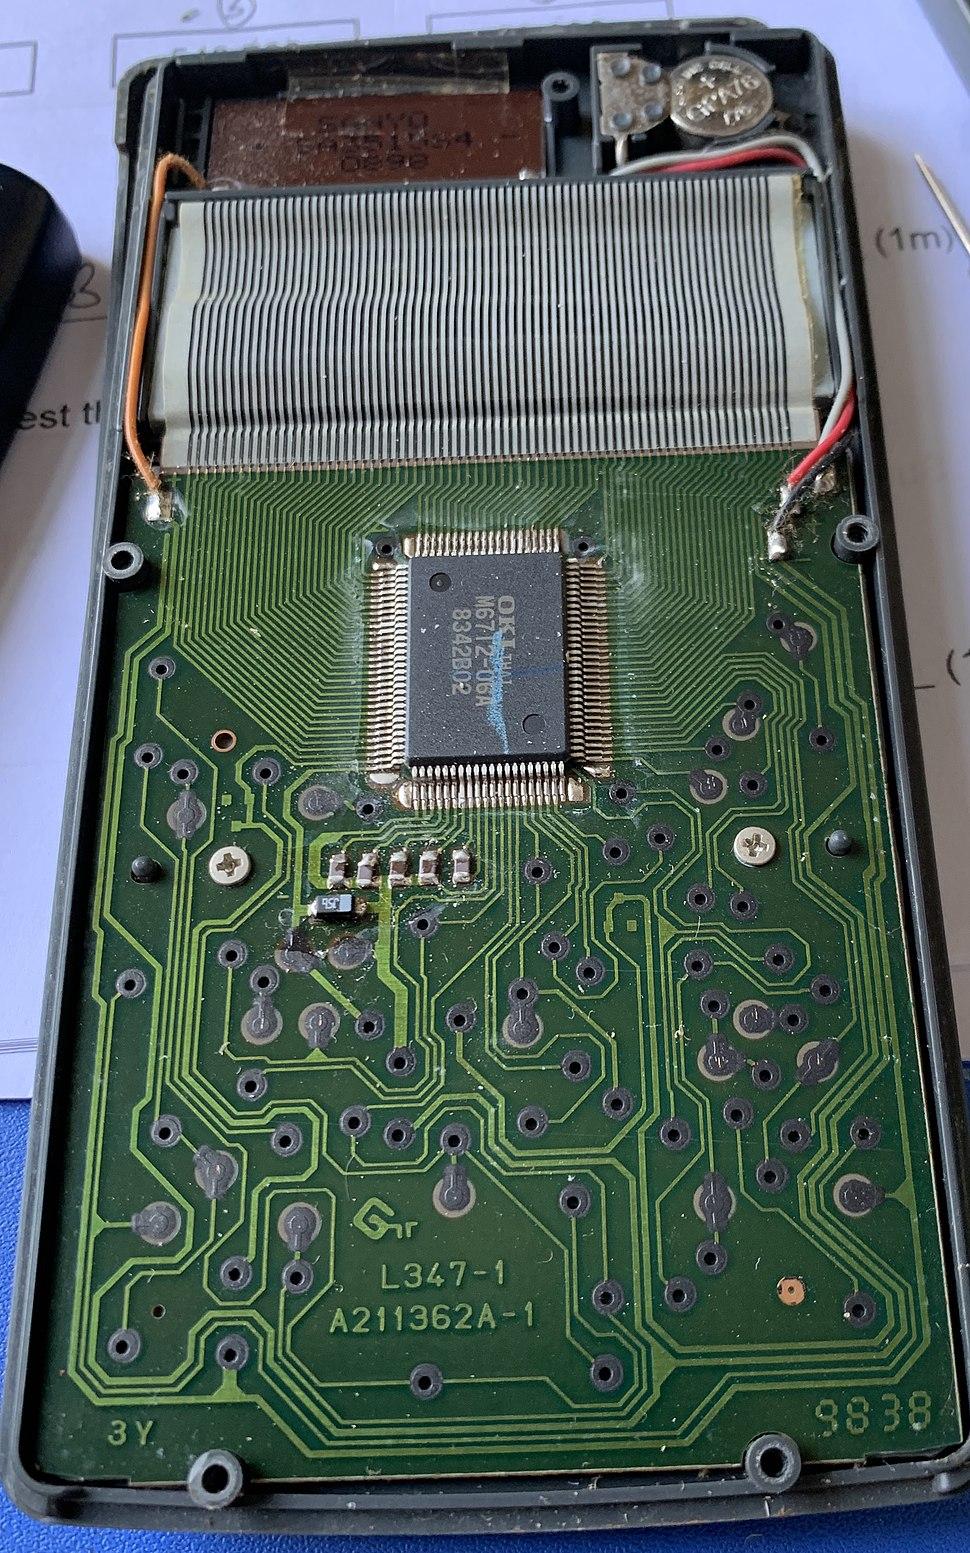 The interior of a Casio FX-991s calculator